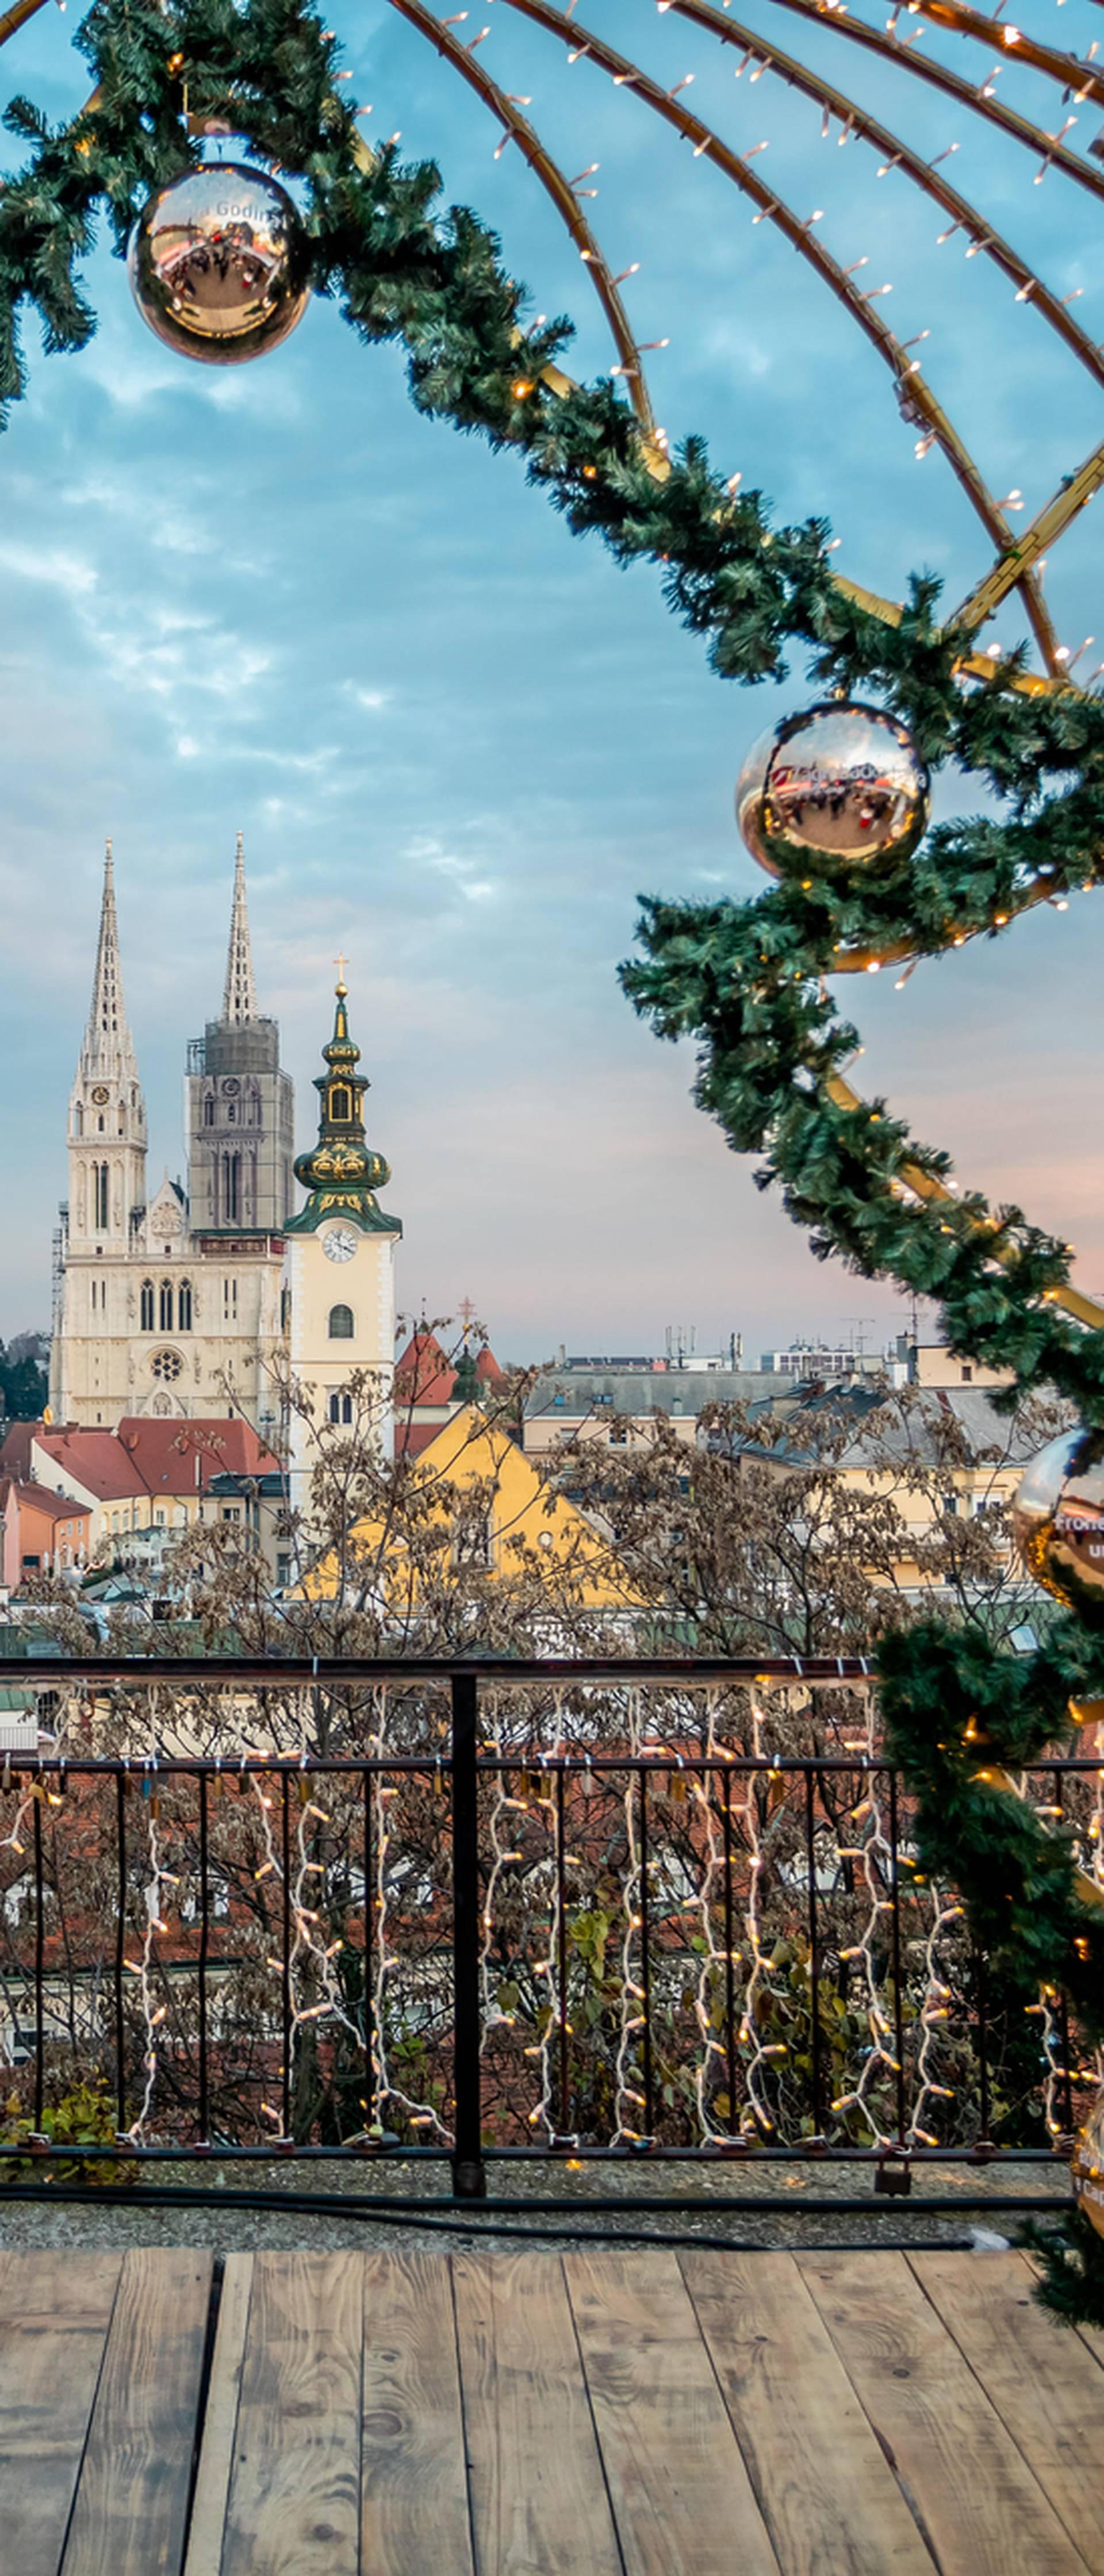 Vodič kroz zagrebački advent: Orašari su zavladali gradom!